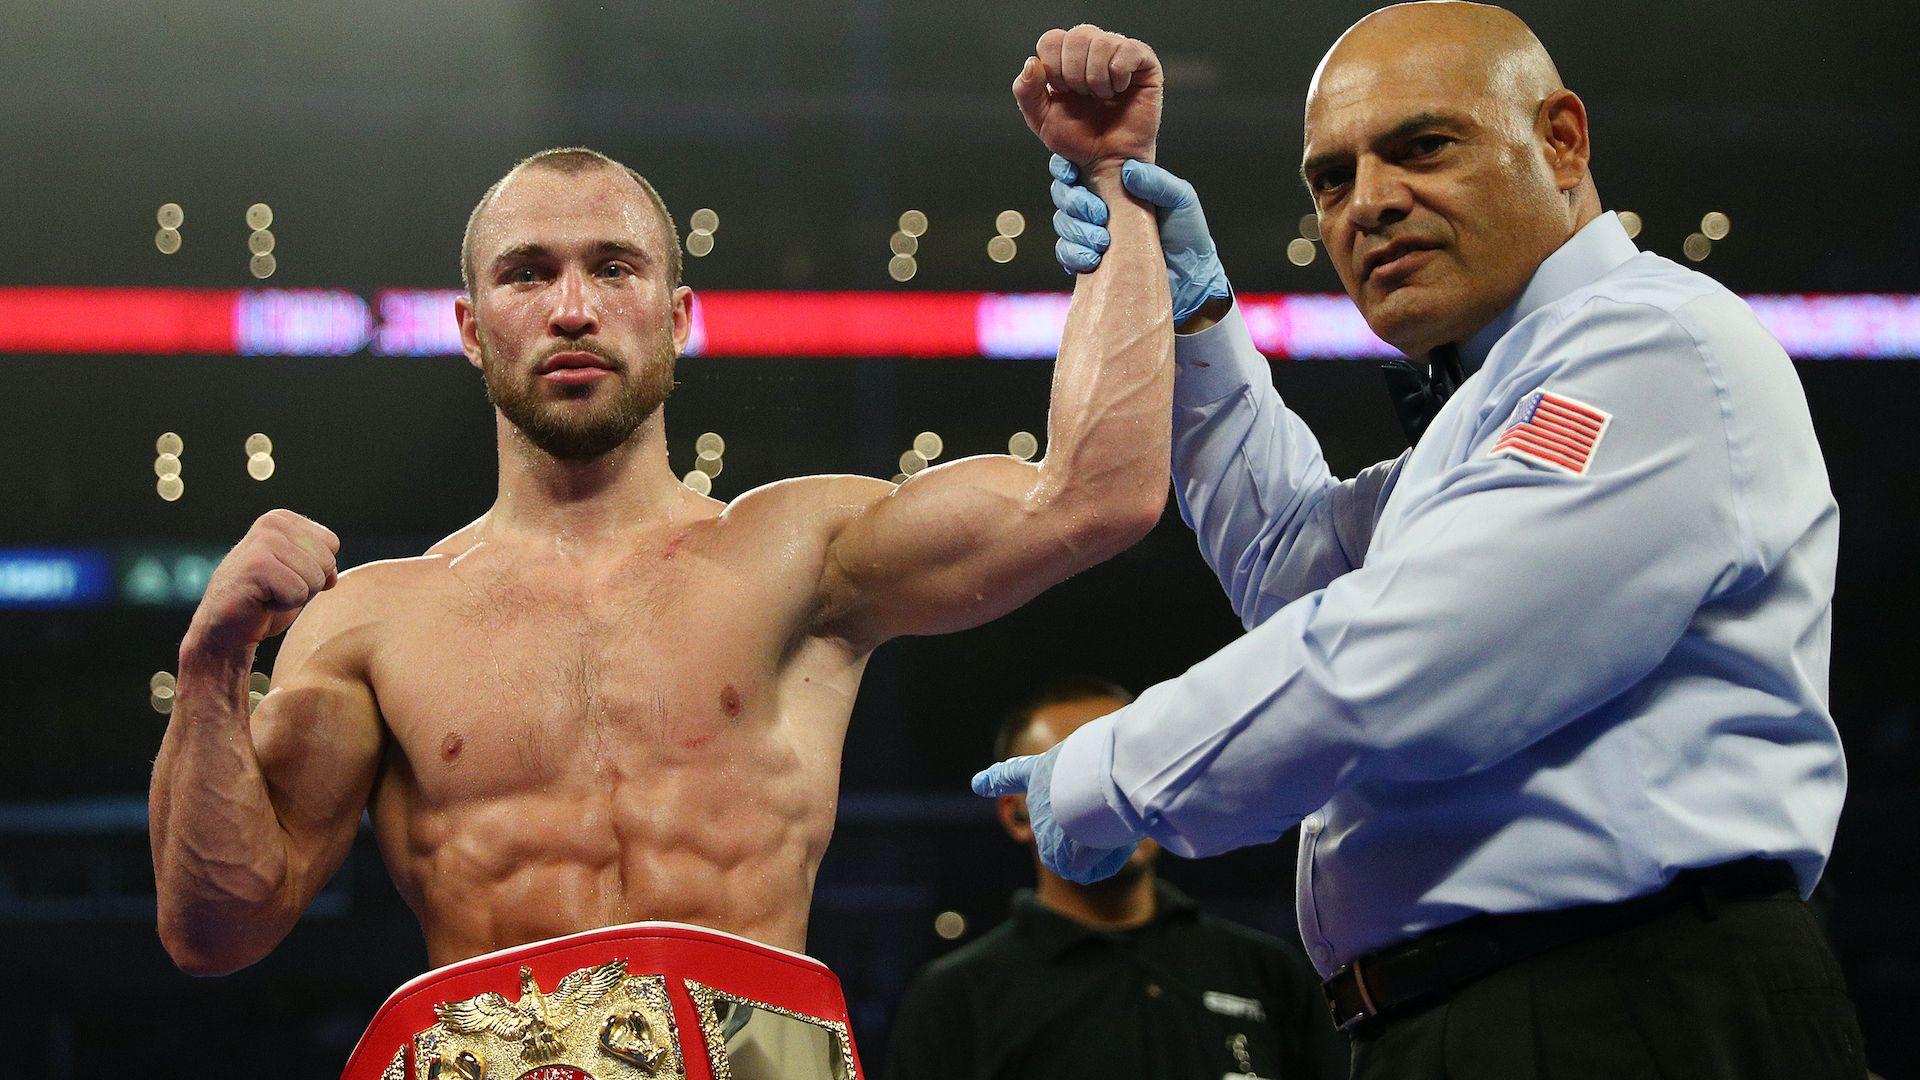 Отнеха световната титла на руски боксьор заради допинг